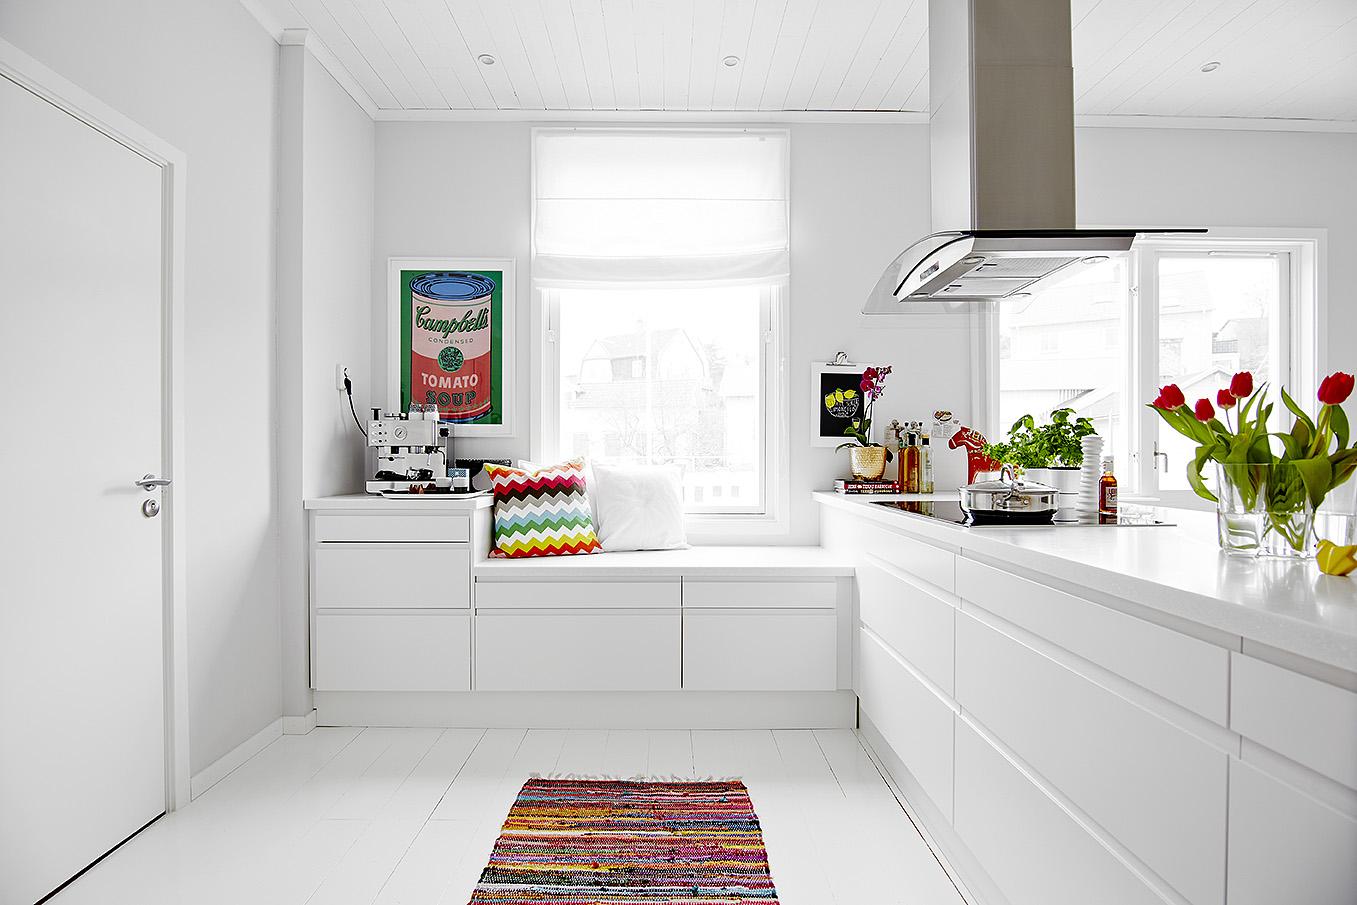 La cocina es lo importante blog tienda decoraci n estilo for Cocina comedor modernos fotos